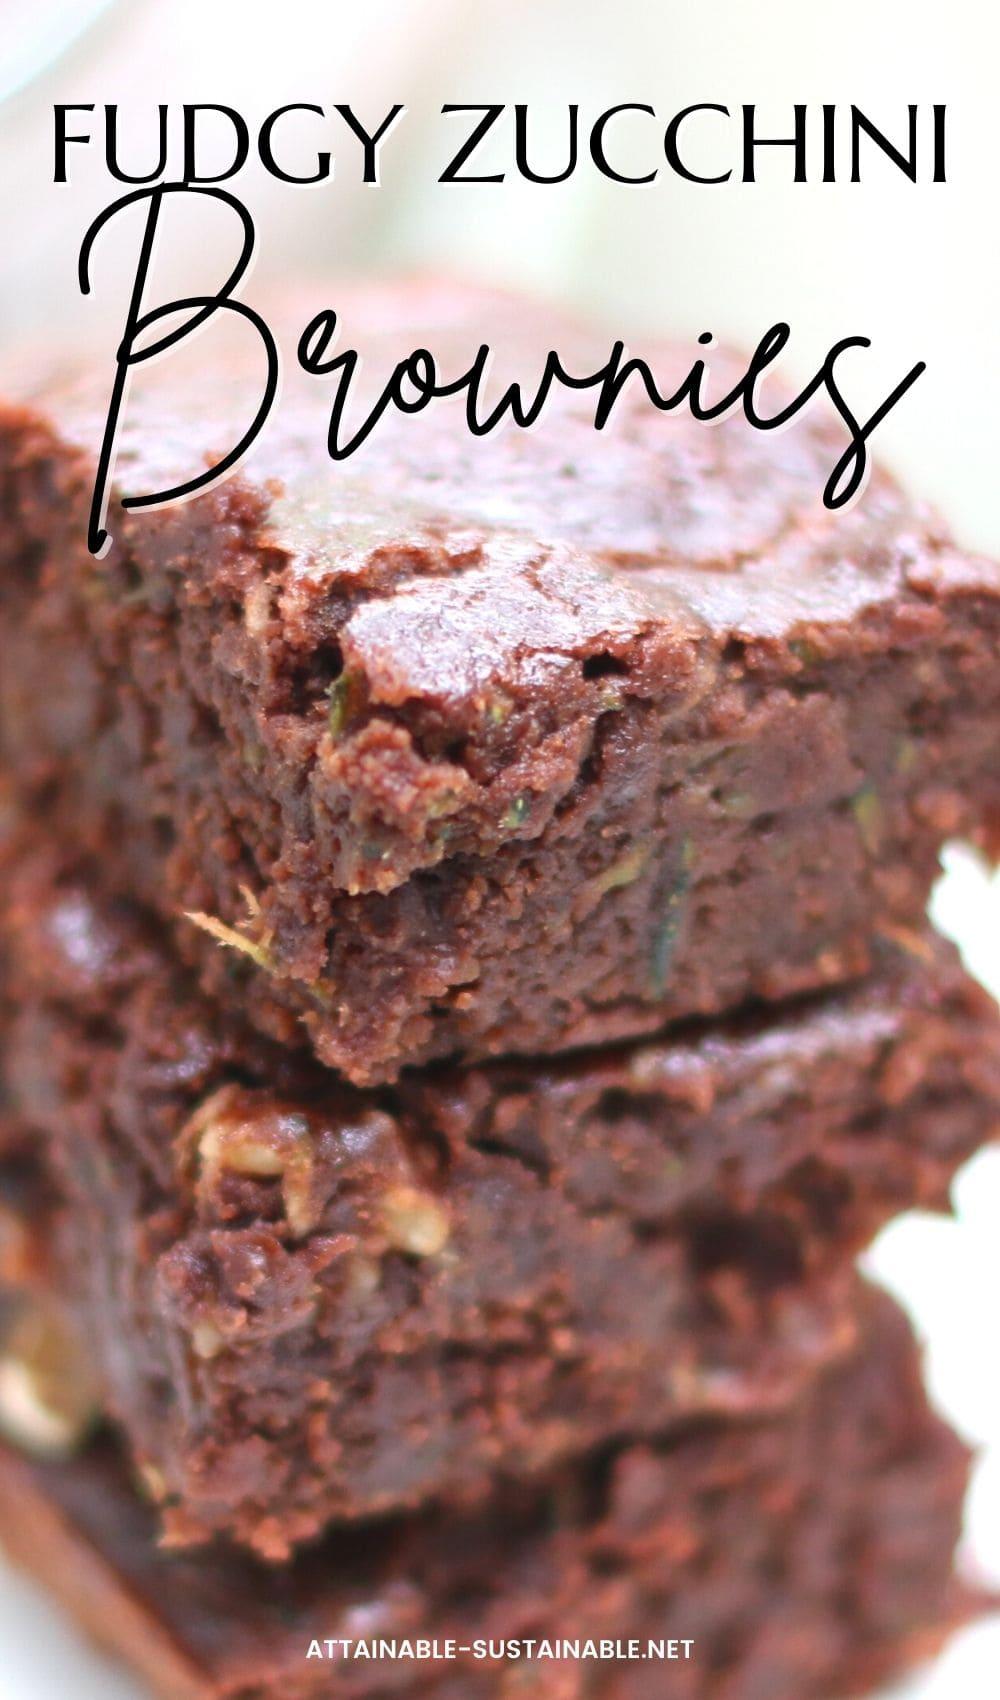 stack of fudgy brownies